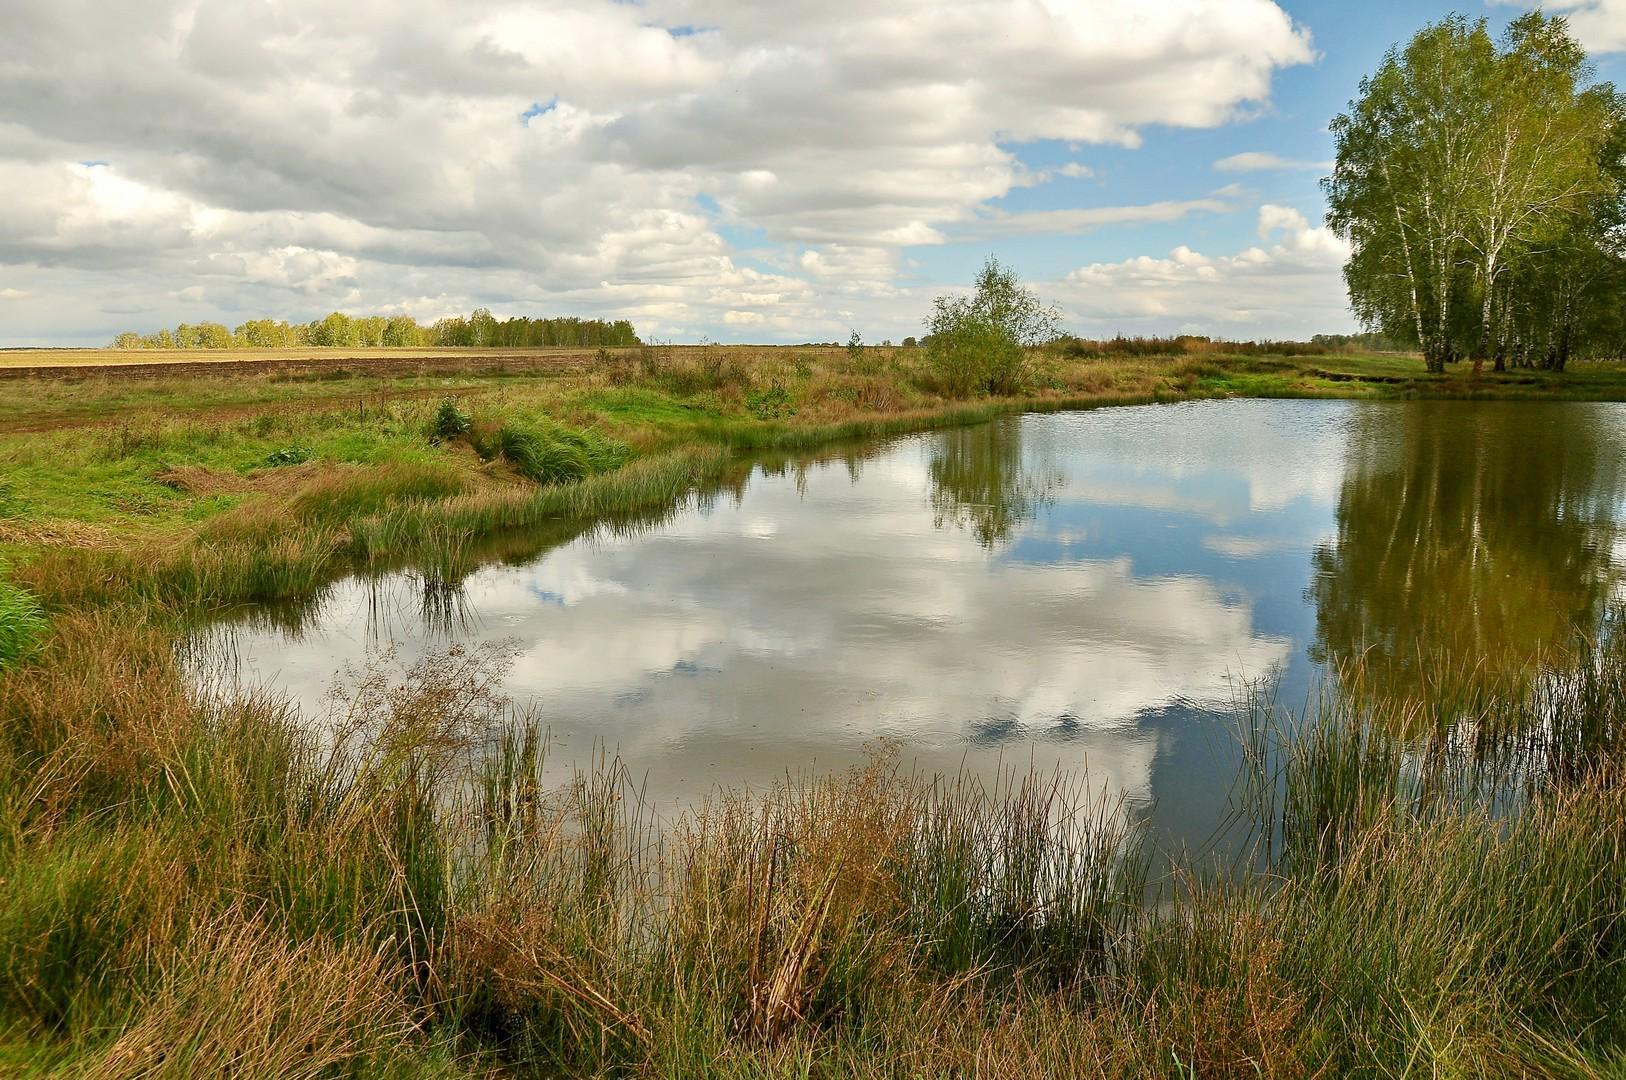 сокрушается переживает, озера омской области название фото таеквондо казахстане